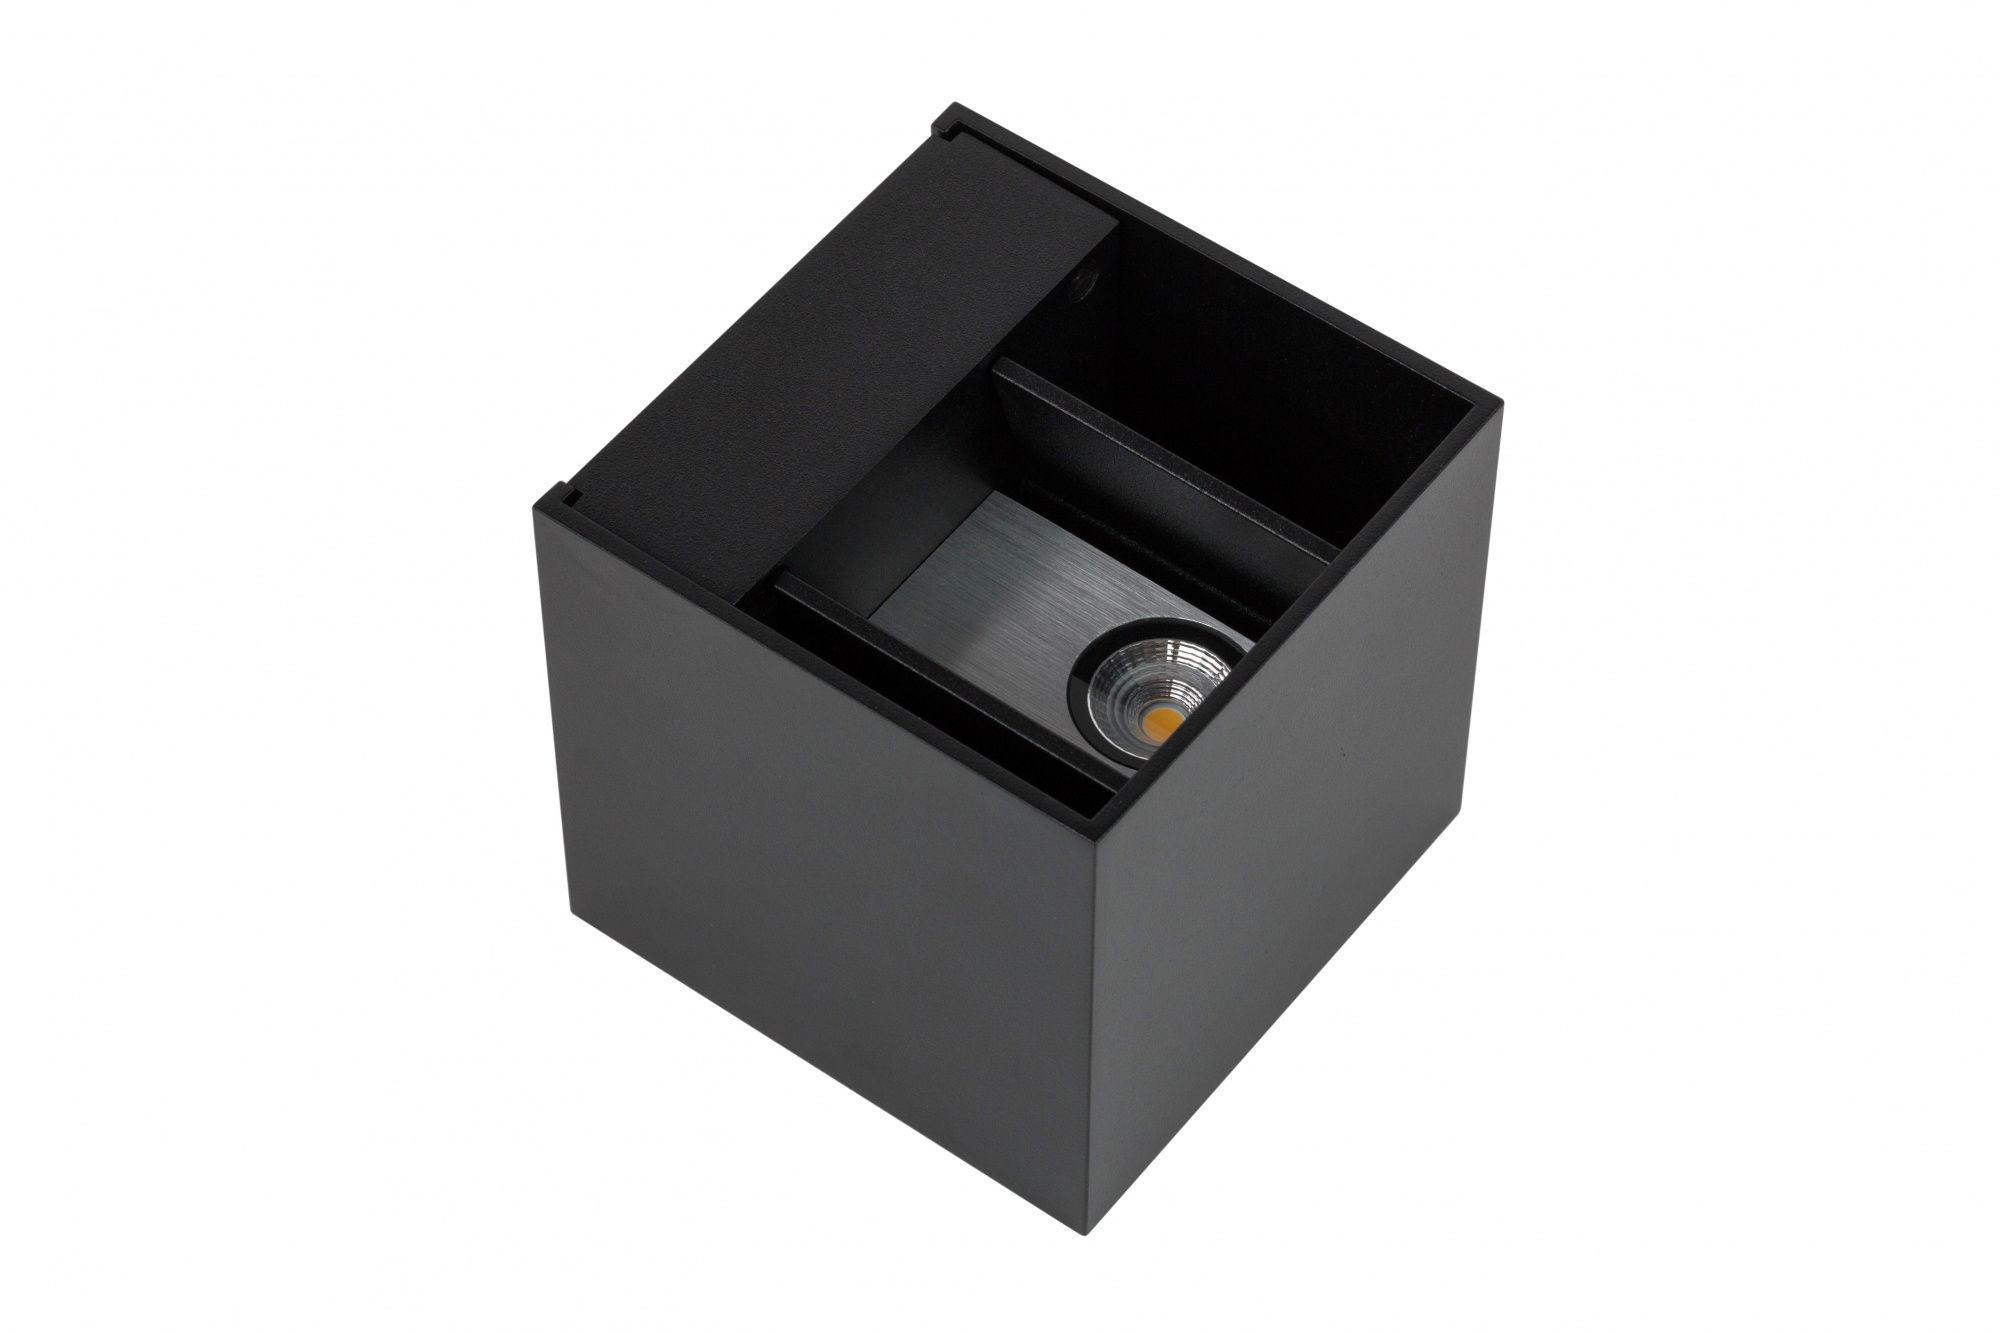 Kinkiet Cube 451790 Oxyled oprawa czarna góra dół